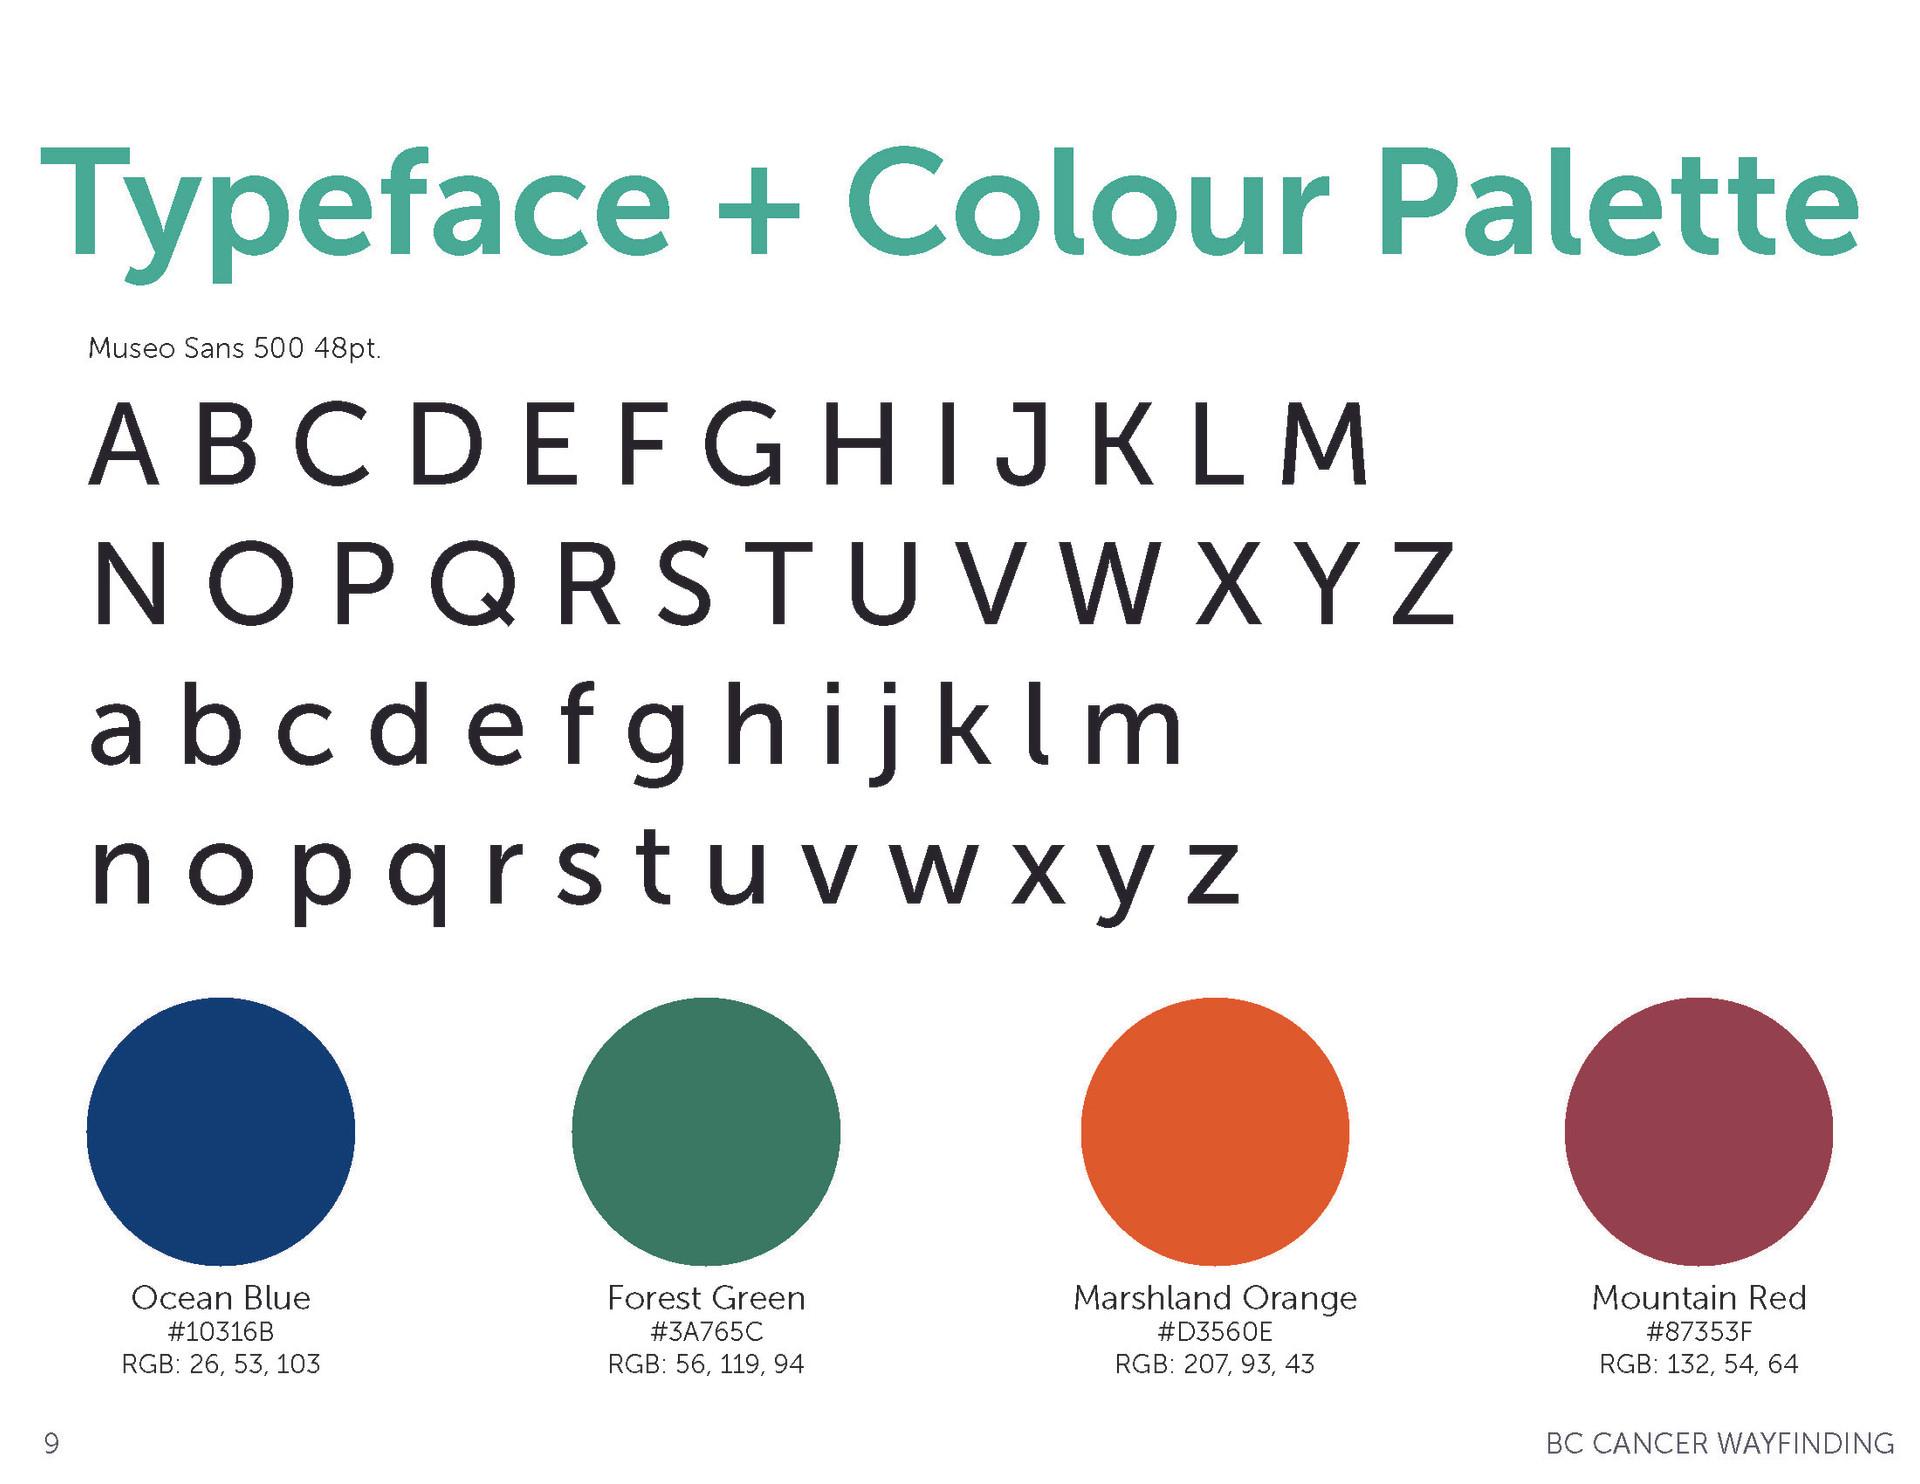 Colour Palette & Typeface